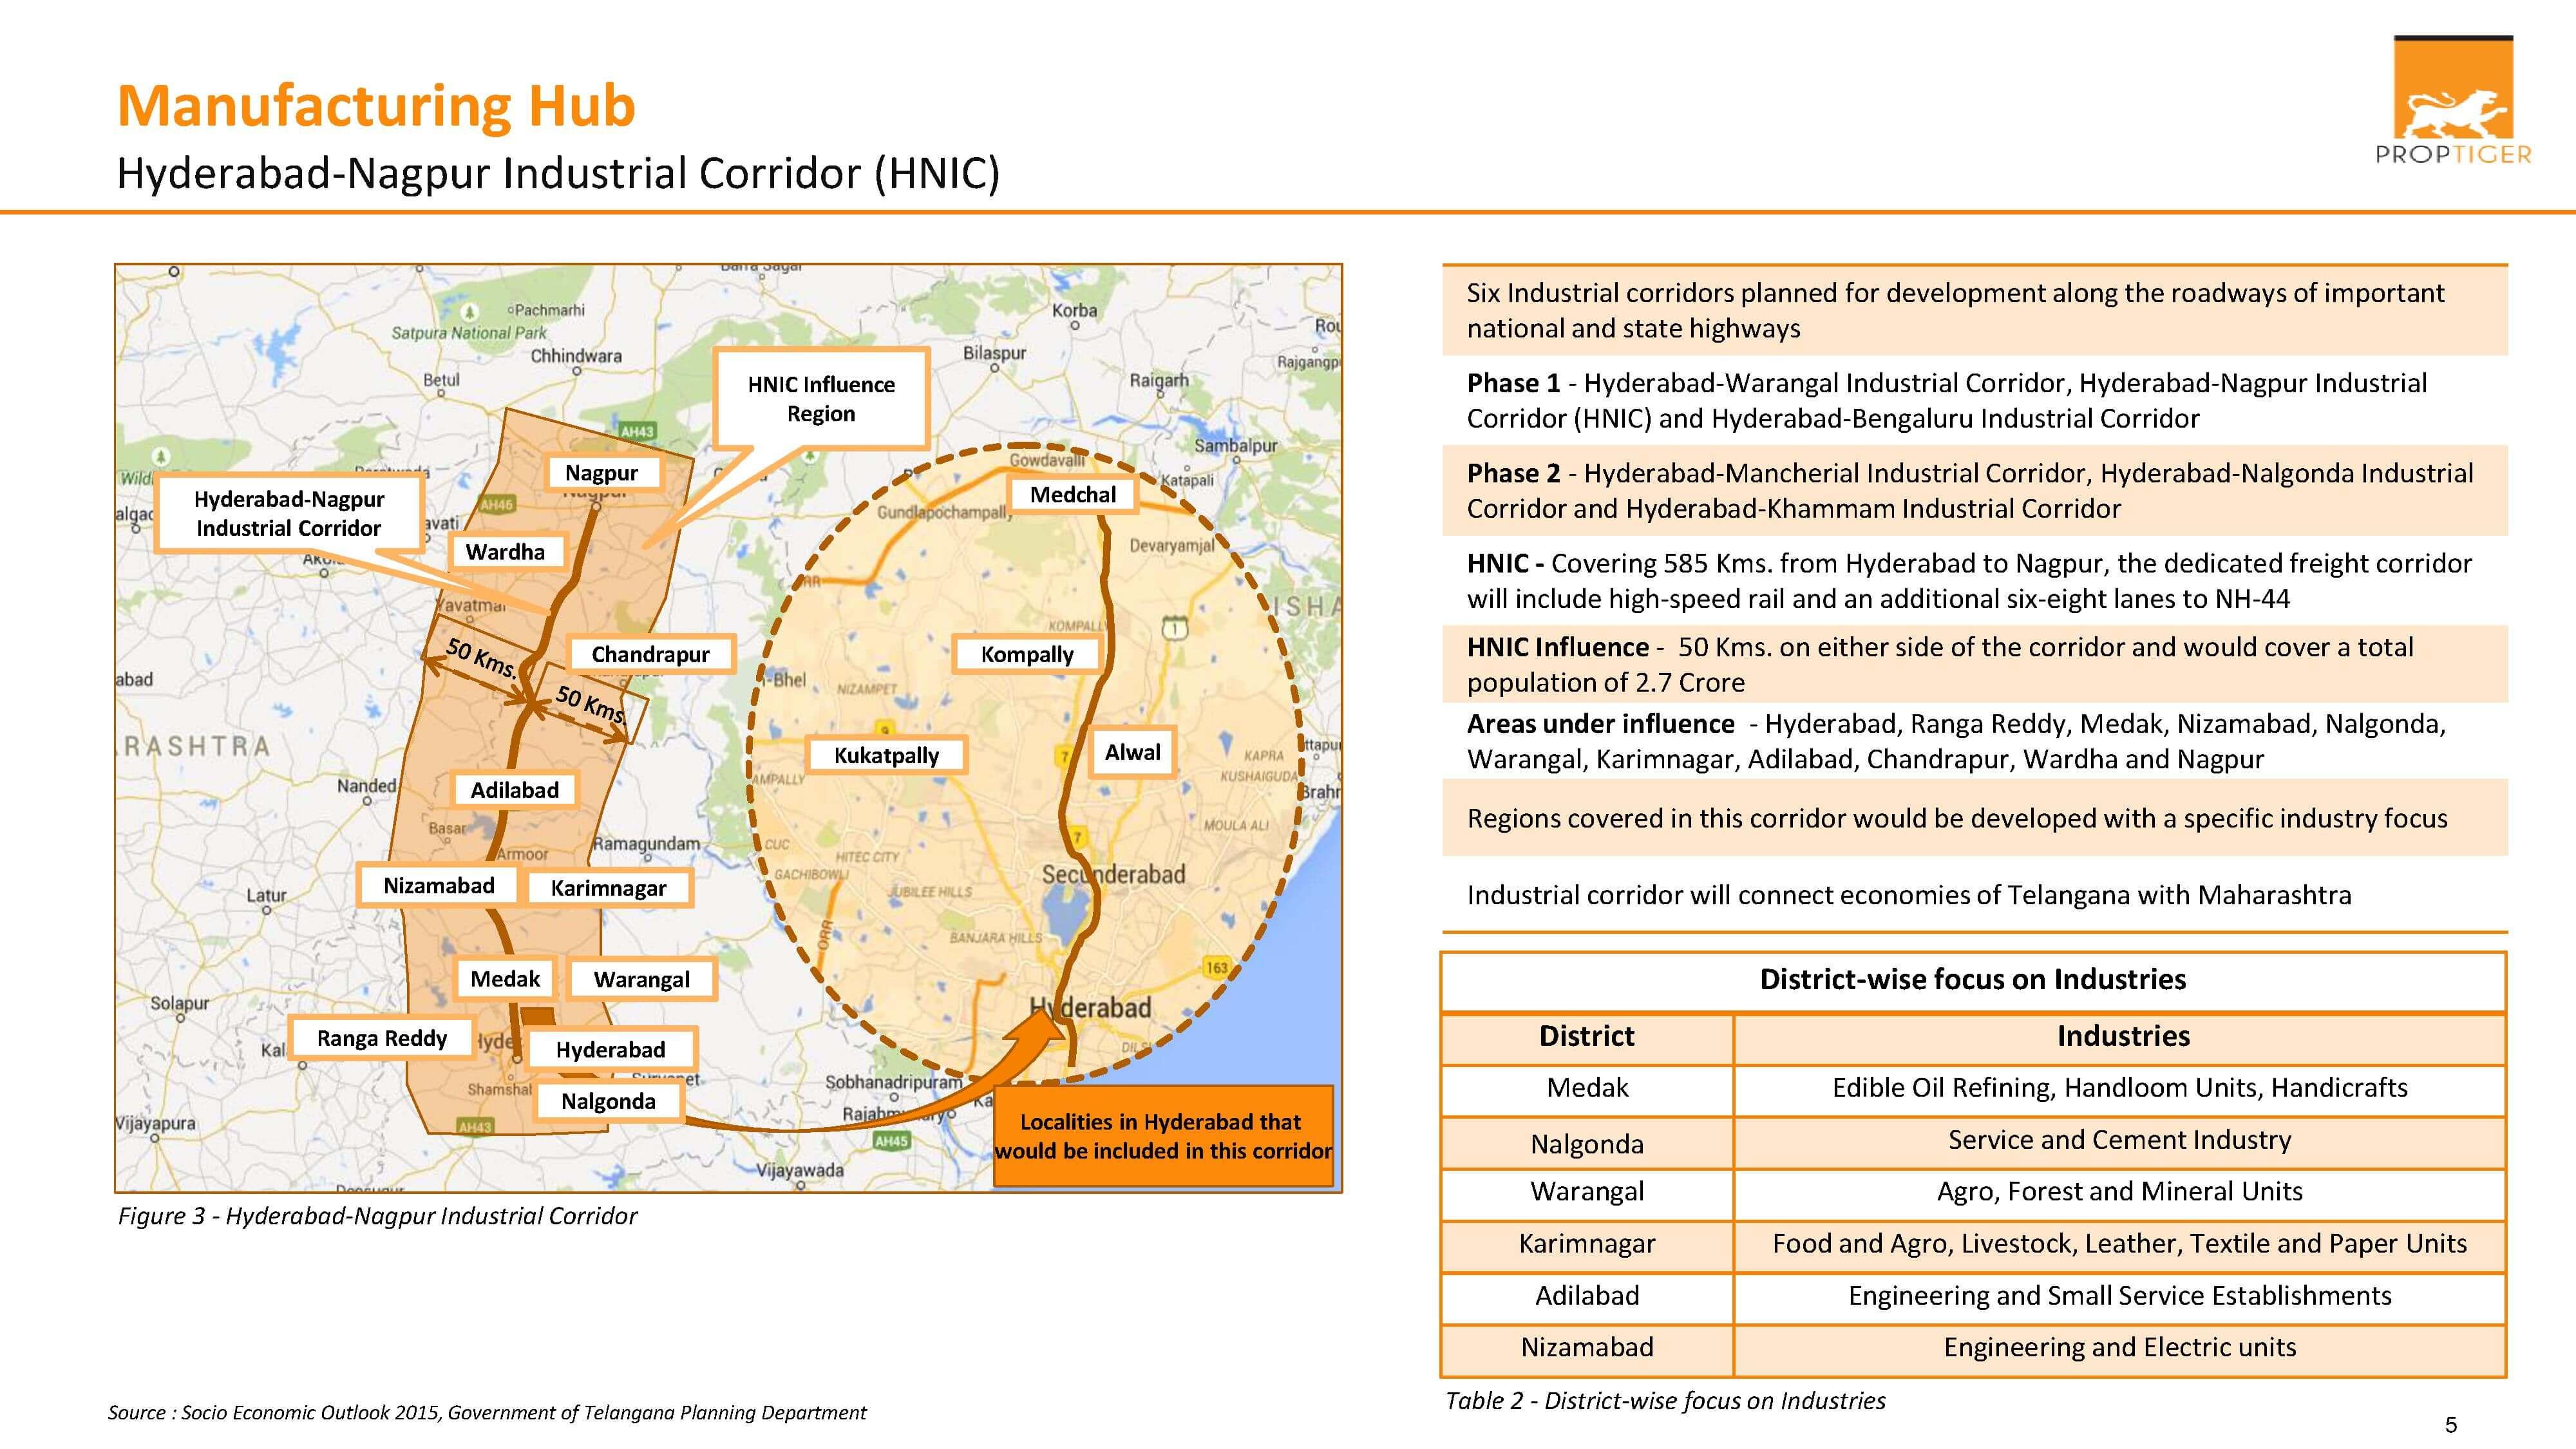 Hyderabad Manufacturing Hub - Hyderabad-Nagpur Industrial Corridor